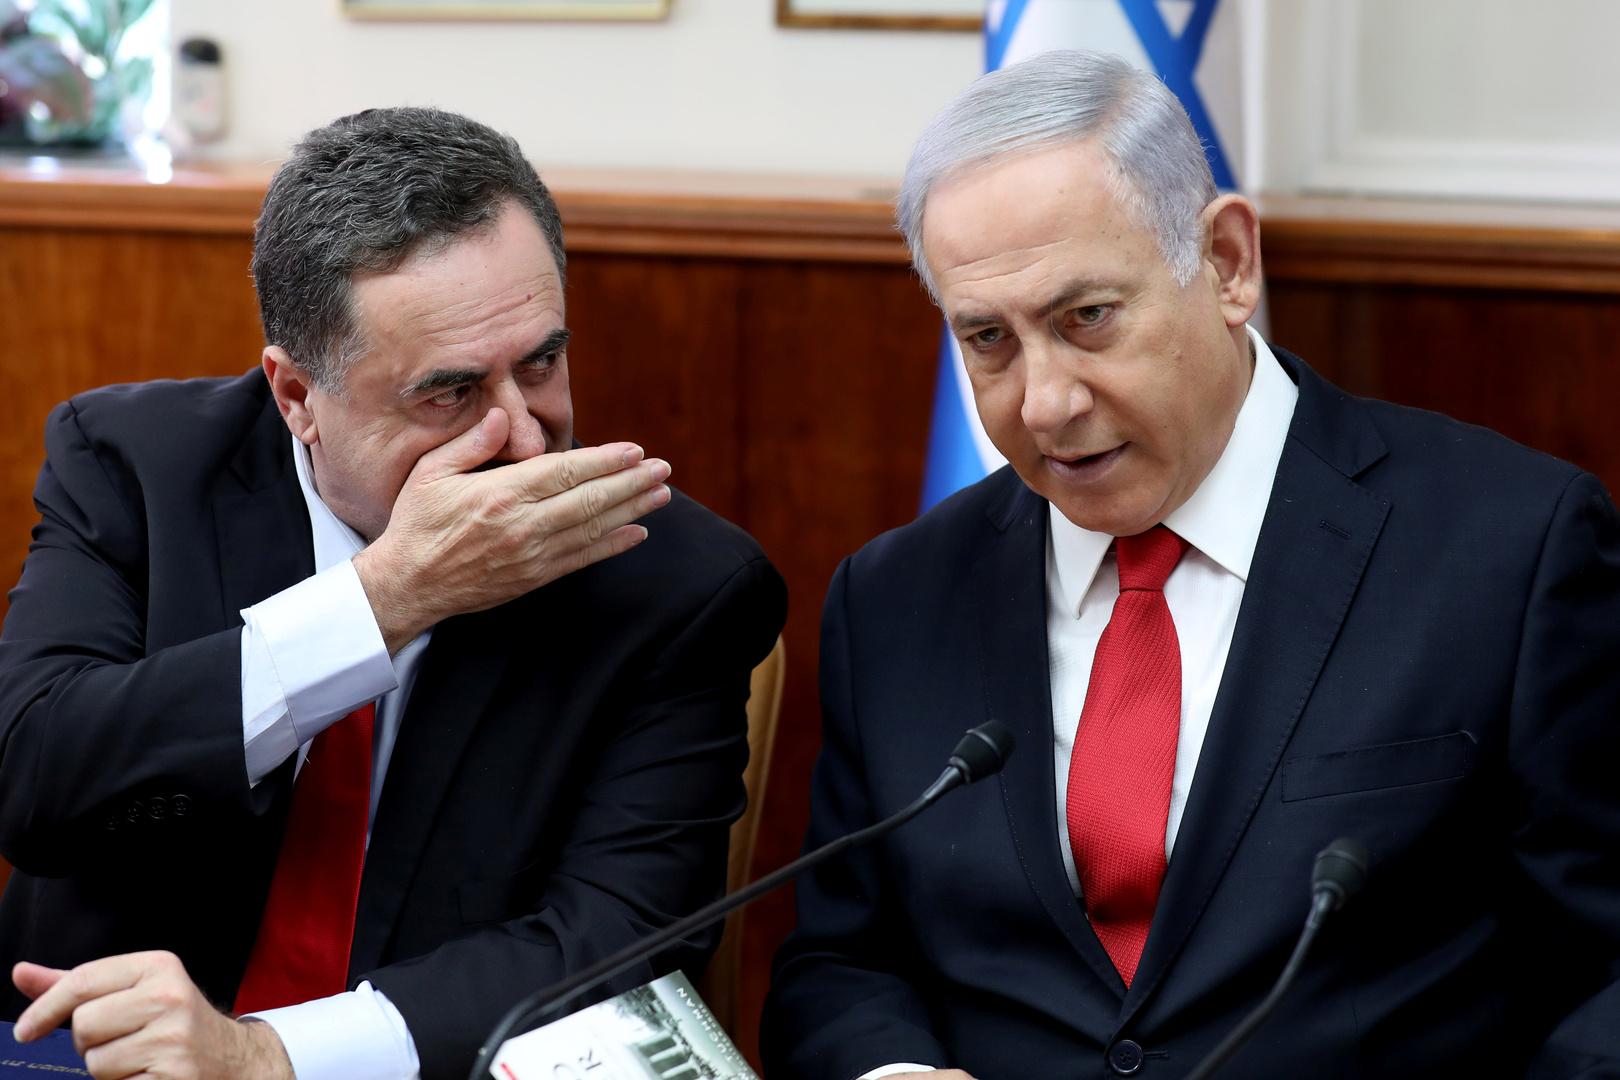 وزير الخارجية والاستخبارات الإسرائيلي يهدد نصر الله بالتصفية